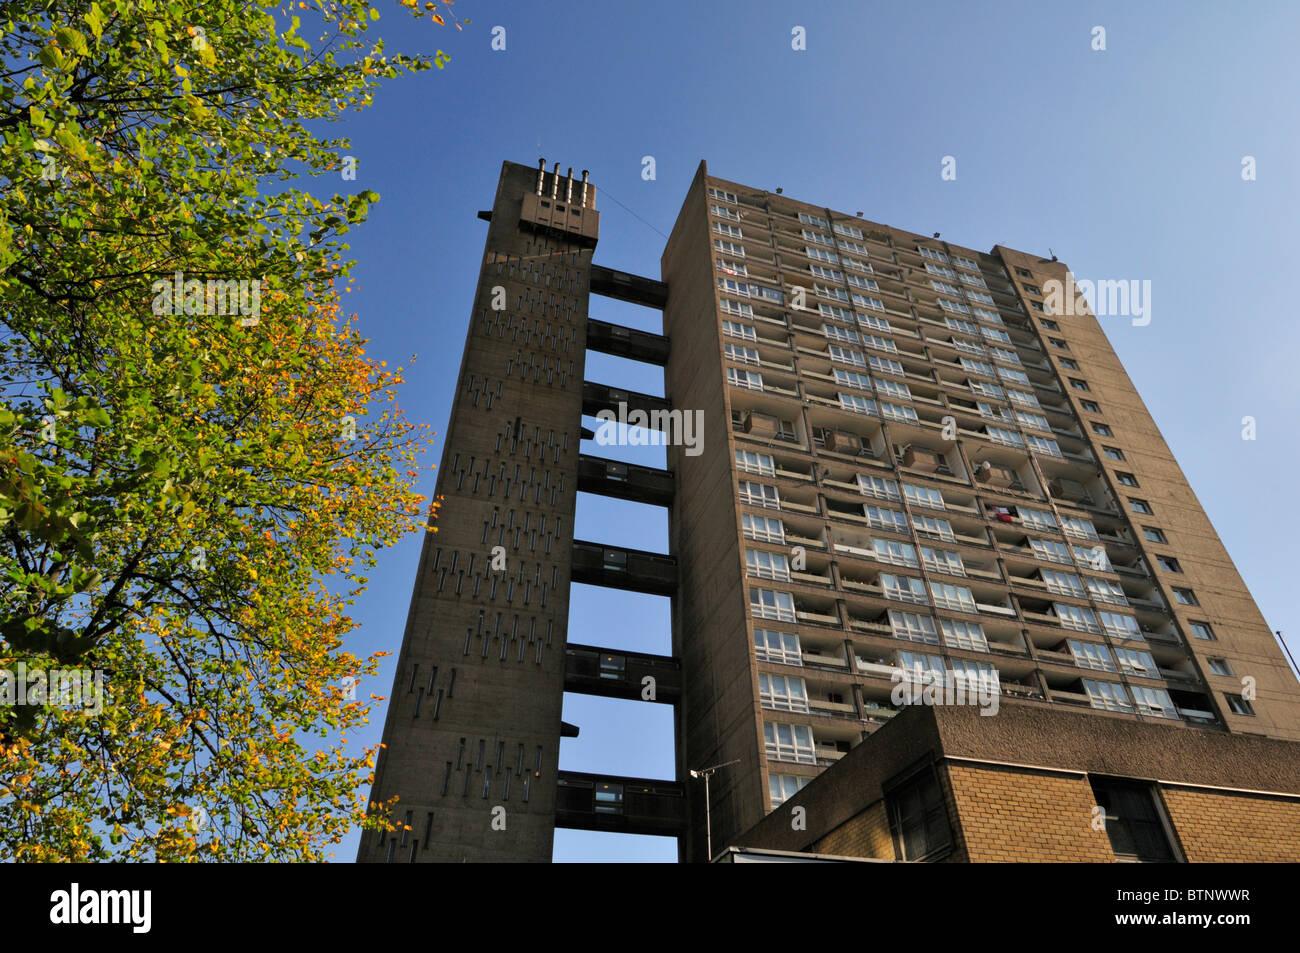 Torre Balfron, Brownfield alloggiamento sociale station wagon, pioppo, Tower Hamlets, East London E14, Regno Unito Immagini Stock